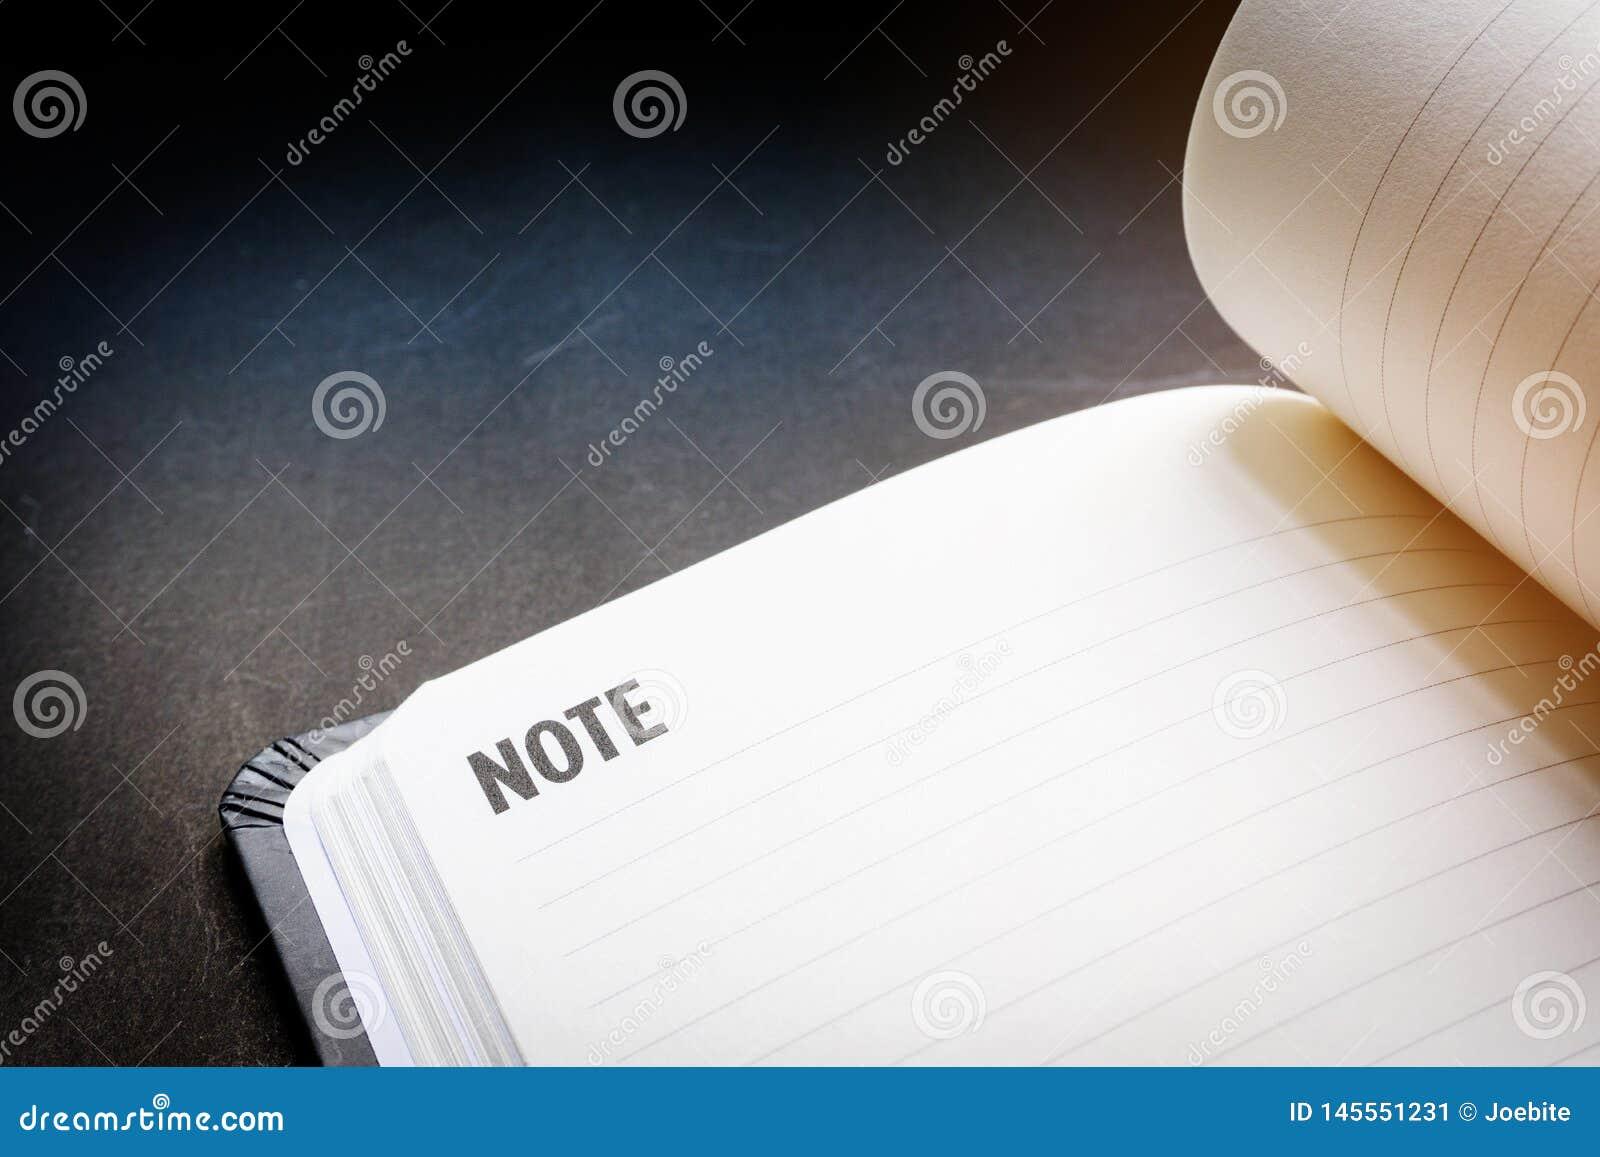 Cierre encima de la l?nea en blanco abierta cuaderno en fondo negro del escritorio en tono de iluminaci?n dram?tico Concepto para